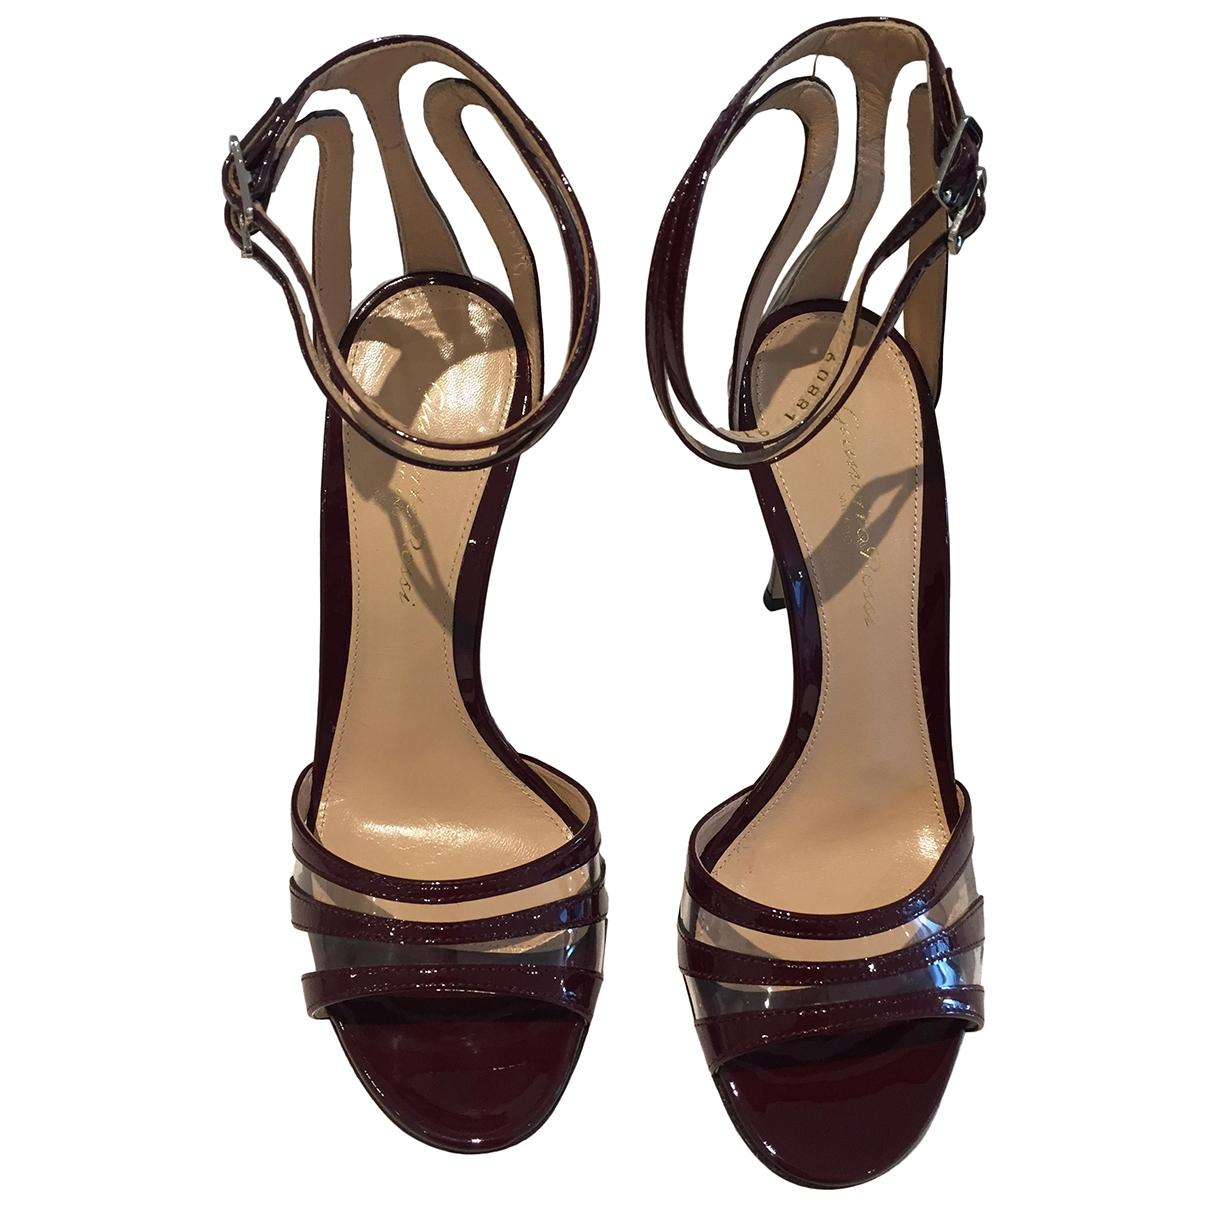 Gianvito Rossi - Sandales   pour femme en cuir verni - bordeaux